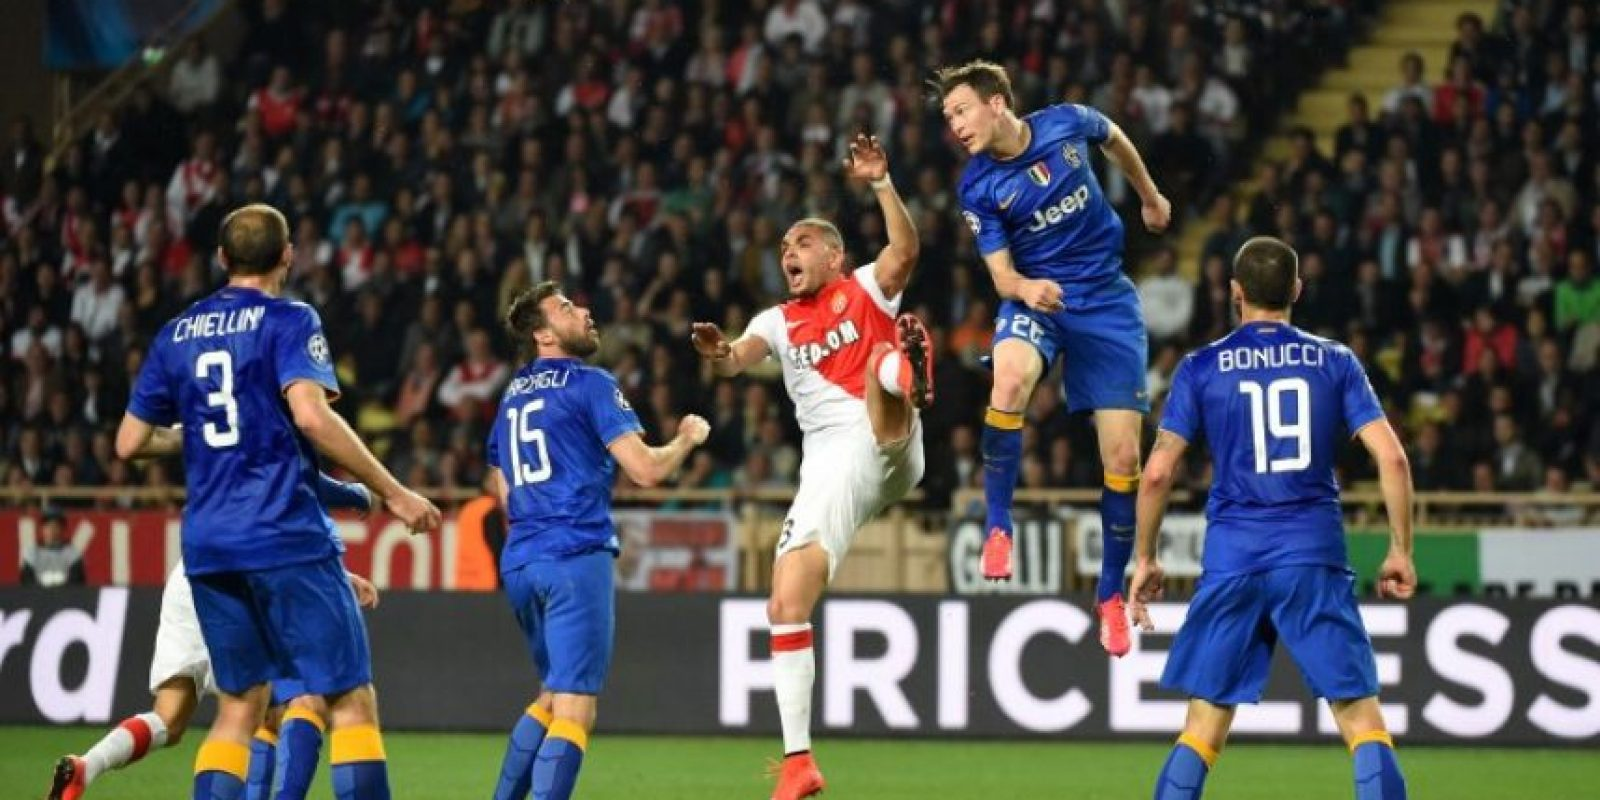 El equipo italiano hizo valer el gol de Arturo Vidal en el partido de ida y avanzó a las semifinales. Foto:AFP